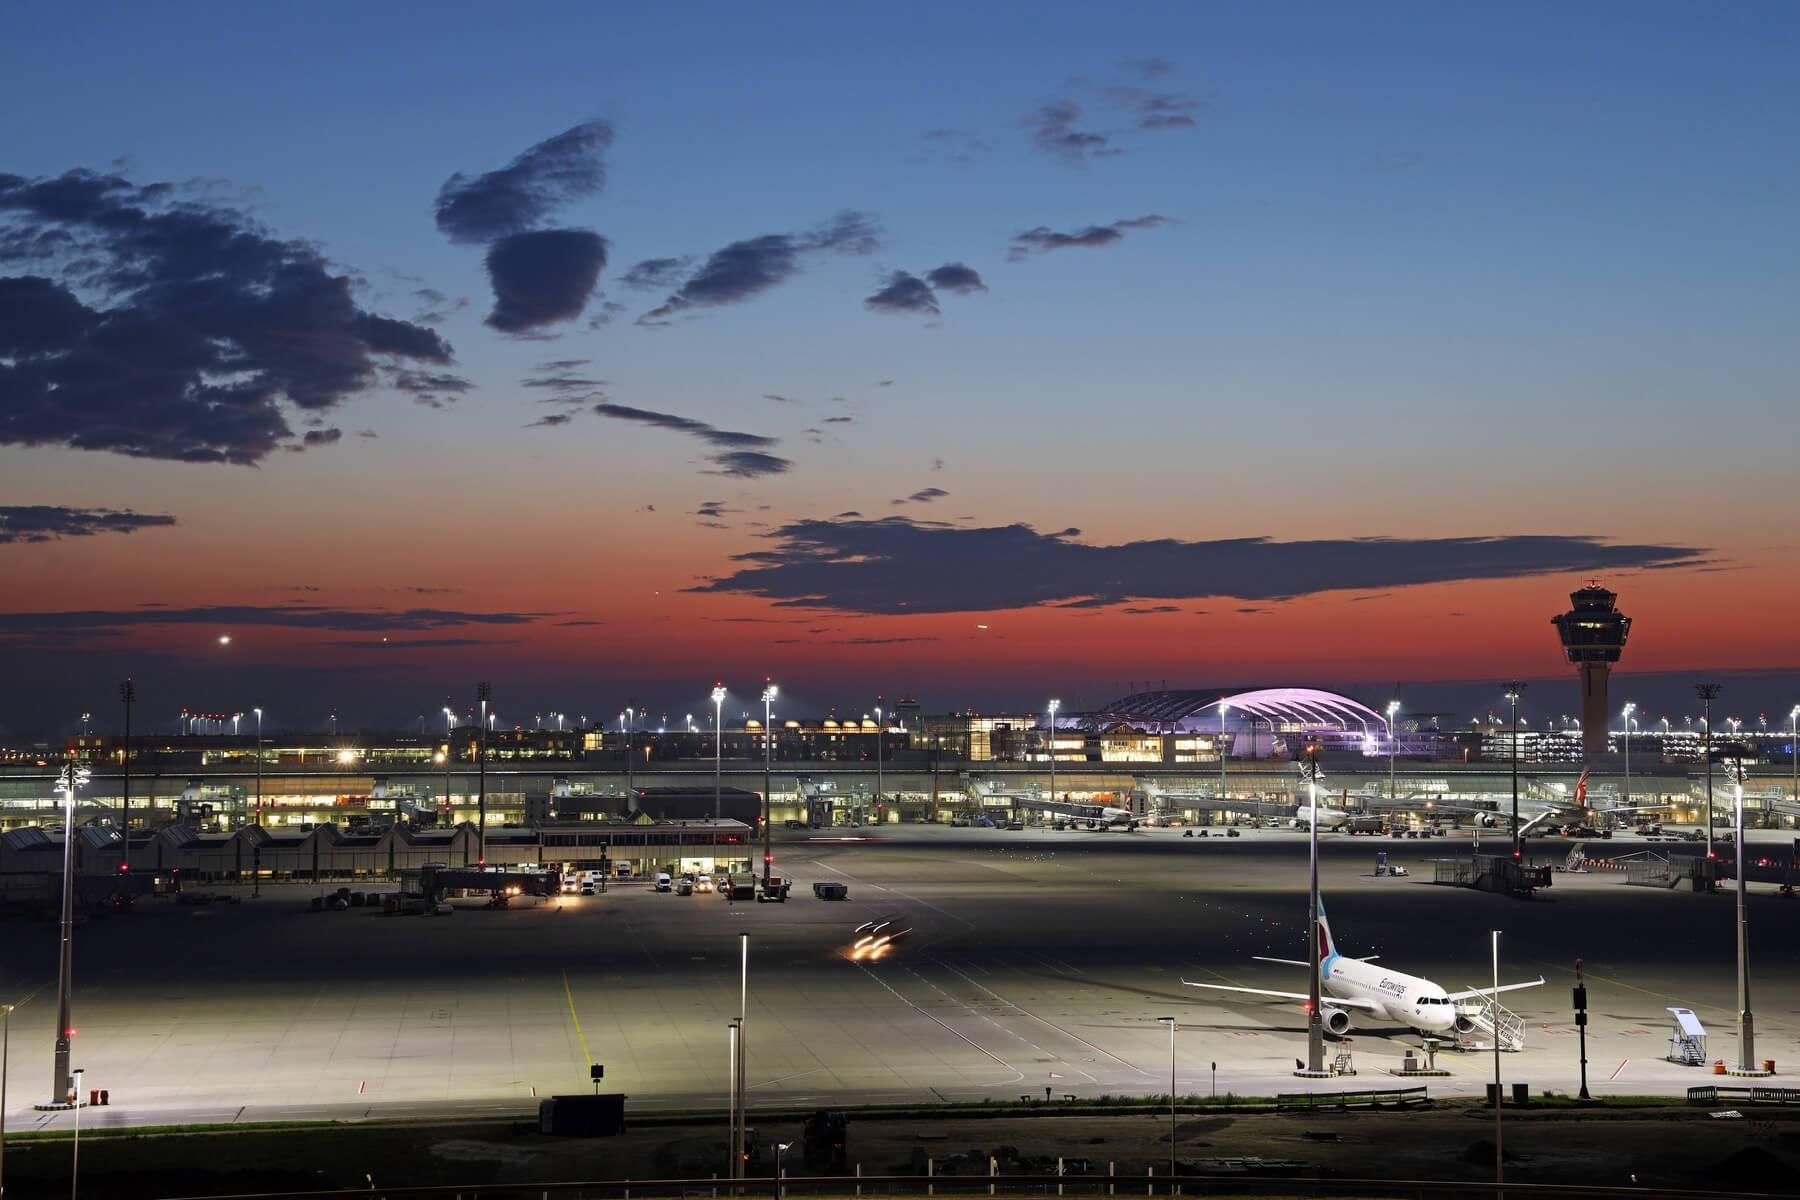 Аэропорт мюнхена имени штрауса. отели рядом, как добраться, онлайн-табло, схема, терминалы, трансфер — туристер.ру